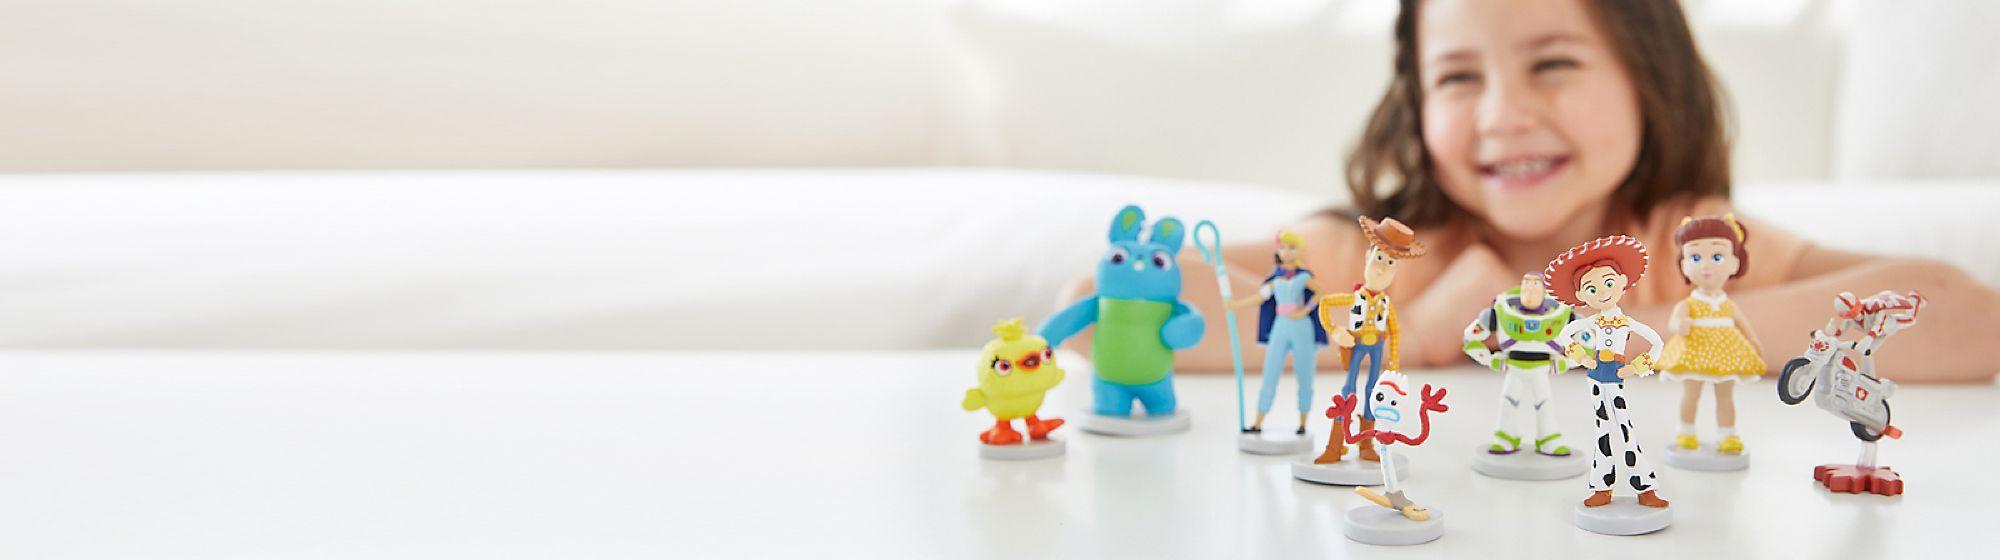 Sets de figuras ¿Qué mejor que tener a tus personajes favoritos juntos? Descubre nuestros sets de figuras. ¡Comienza la aventura!